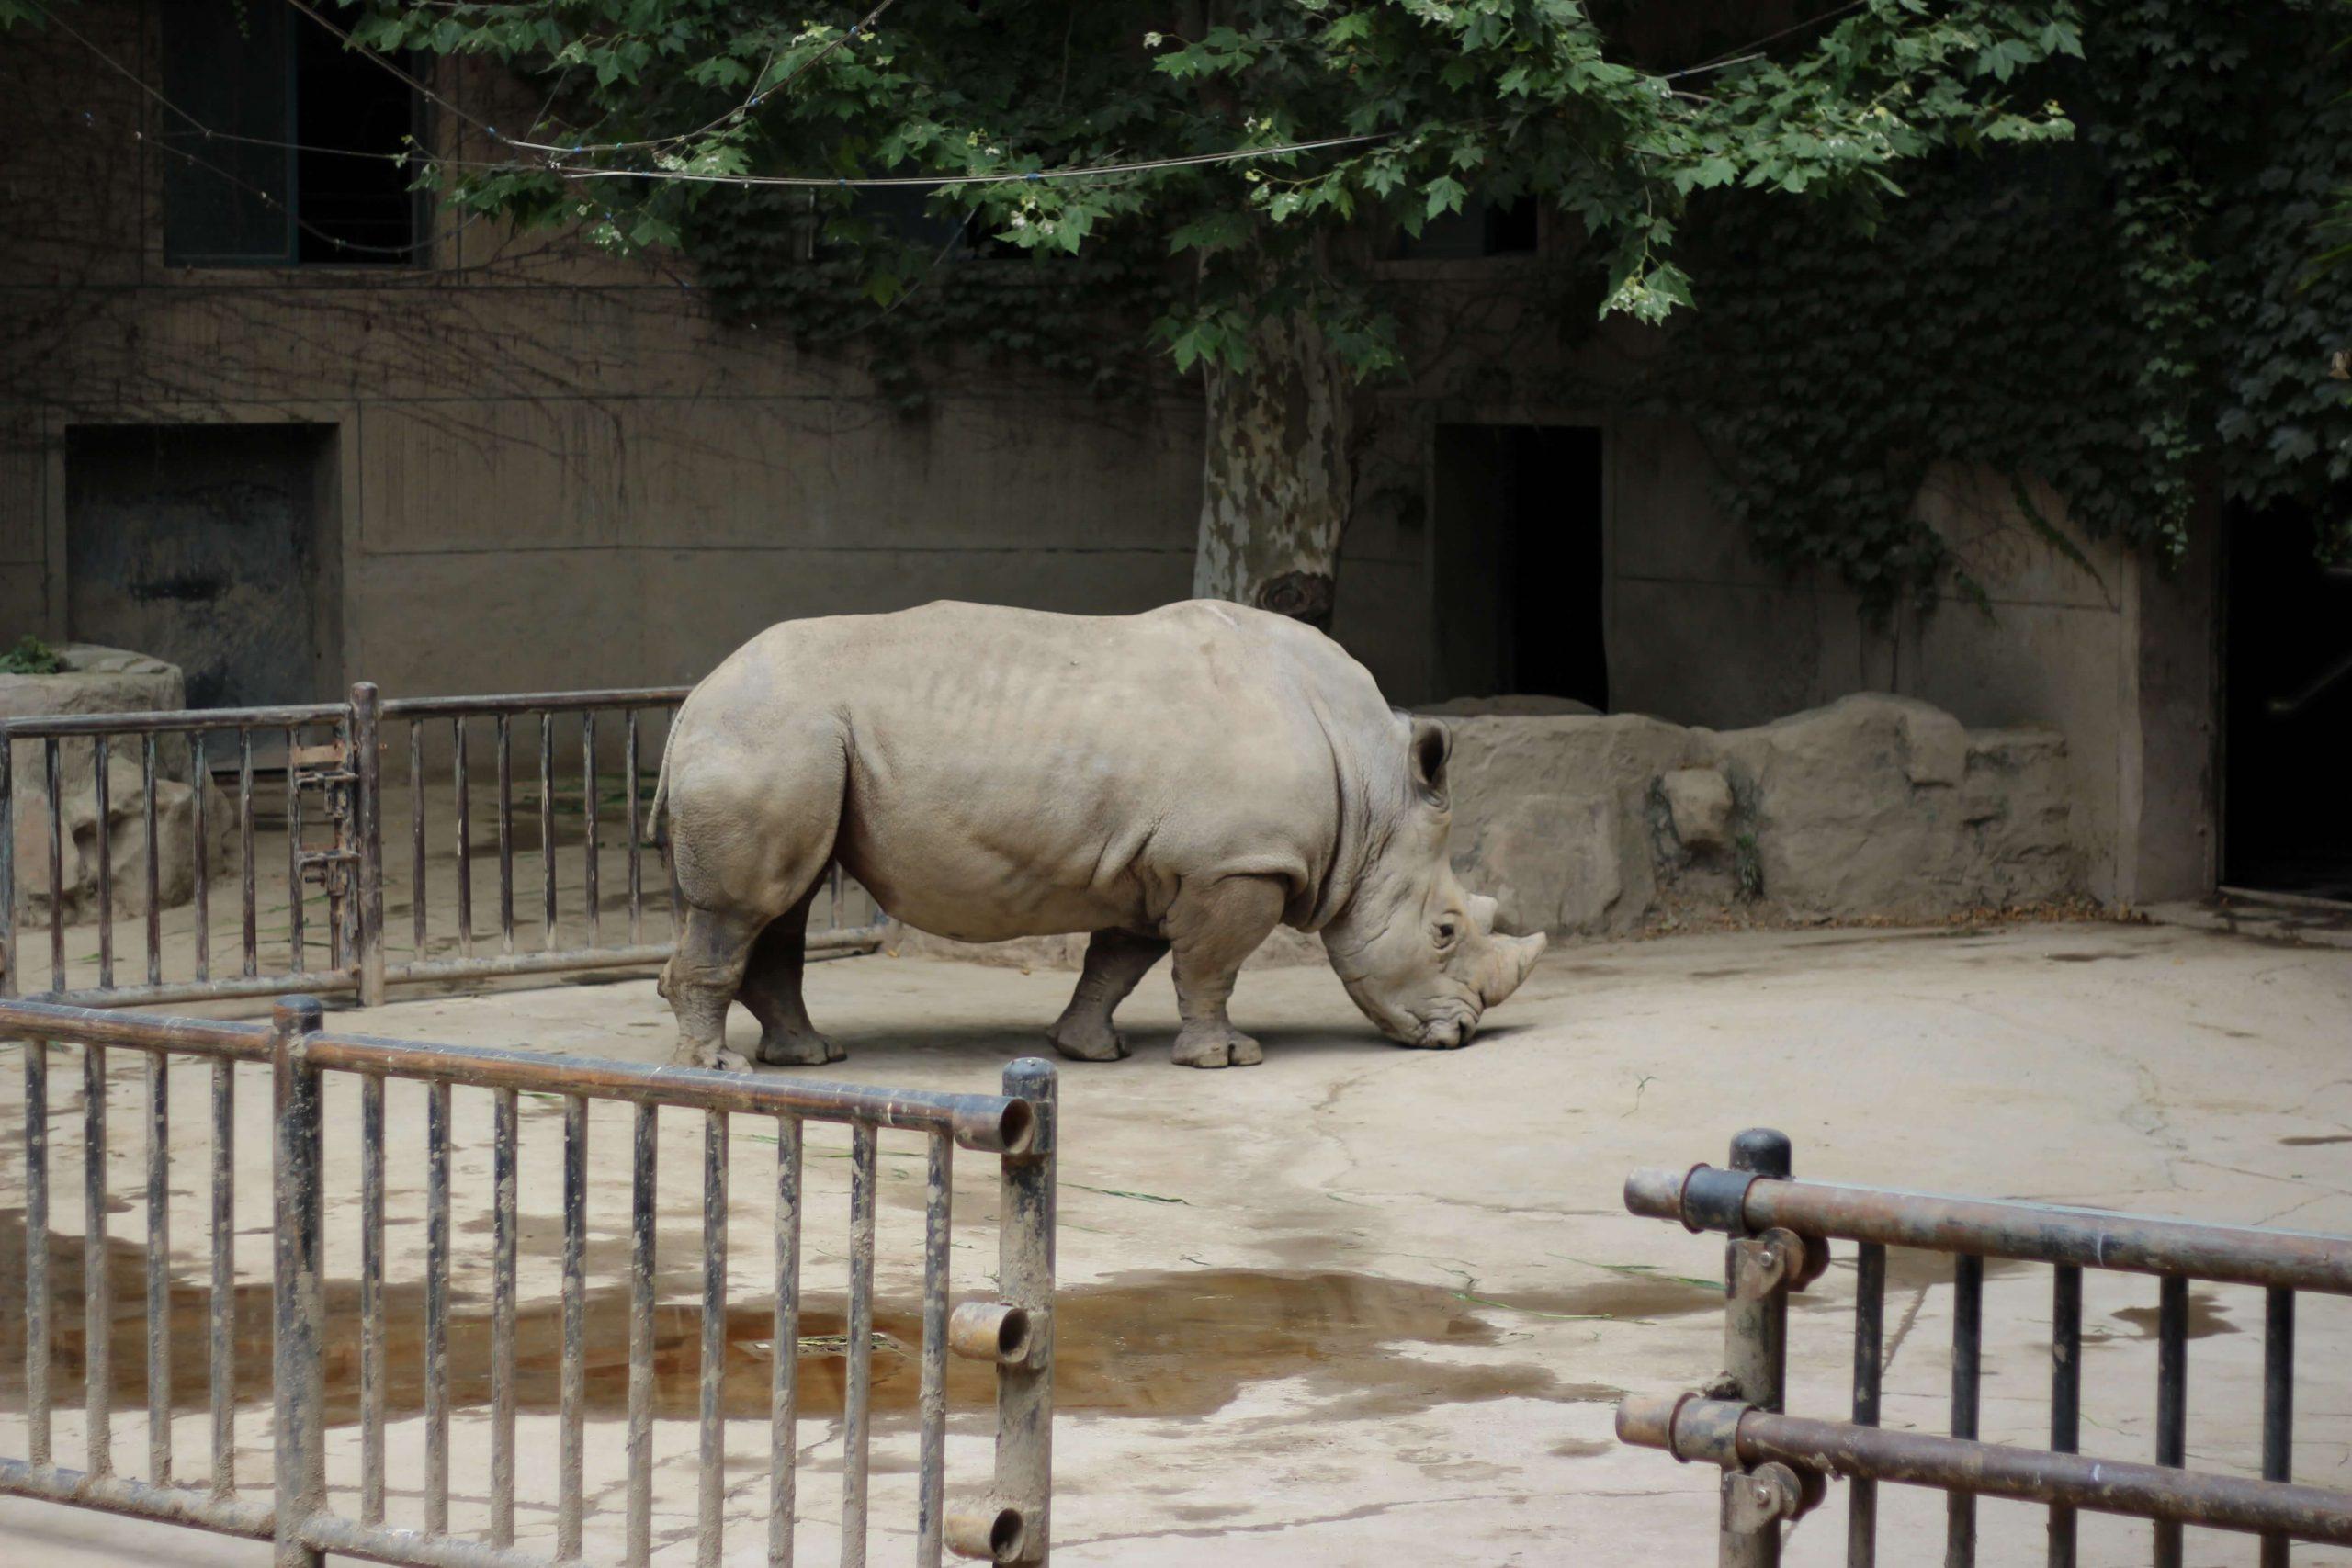 Bilde viser et nesehorn bak et gjerde i en dyrepark